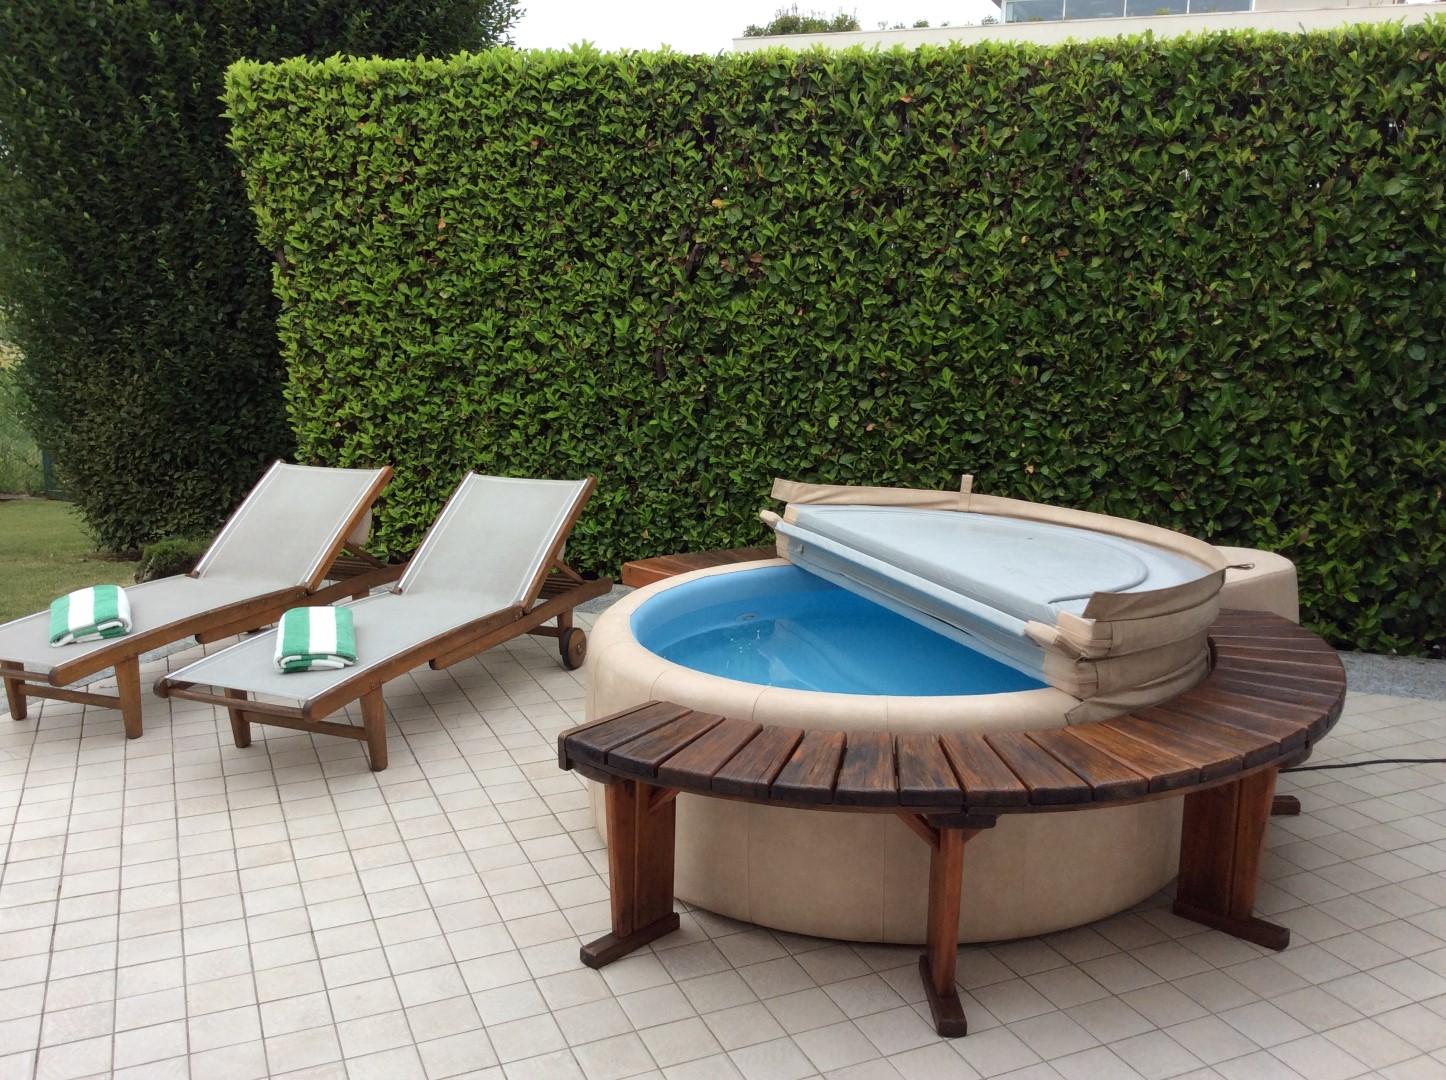 Bellusco villa singola con giardino di 600 mq agenzia for Giardino 80 mq